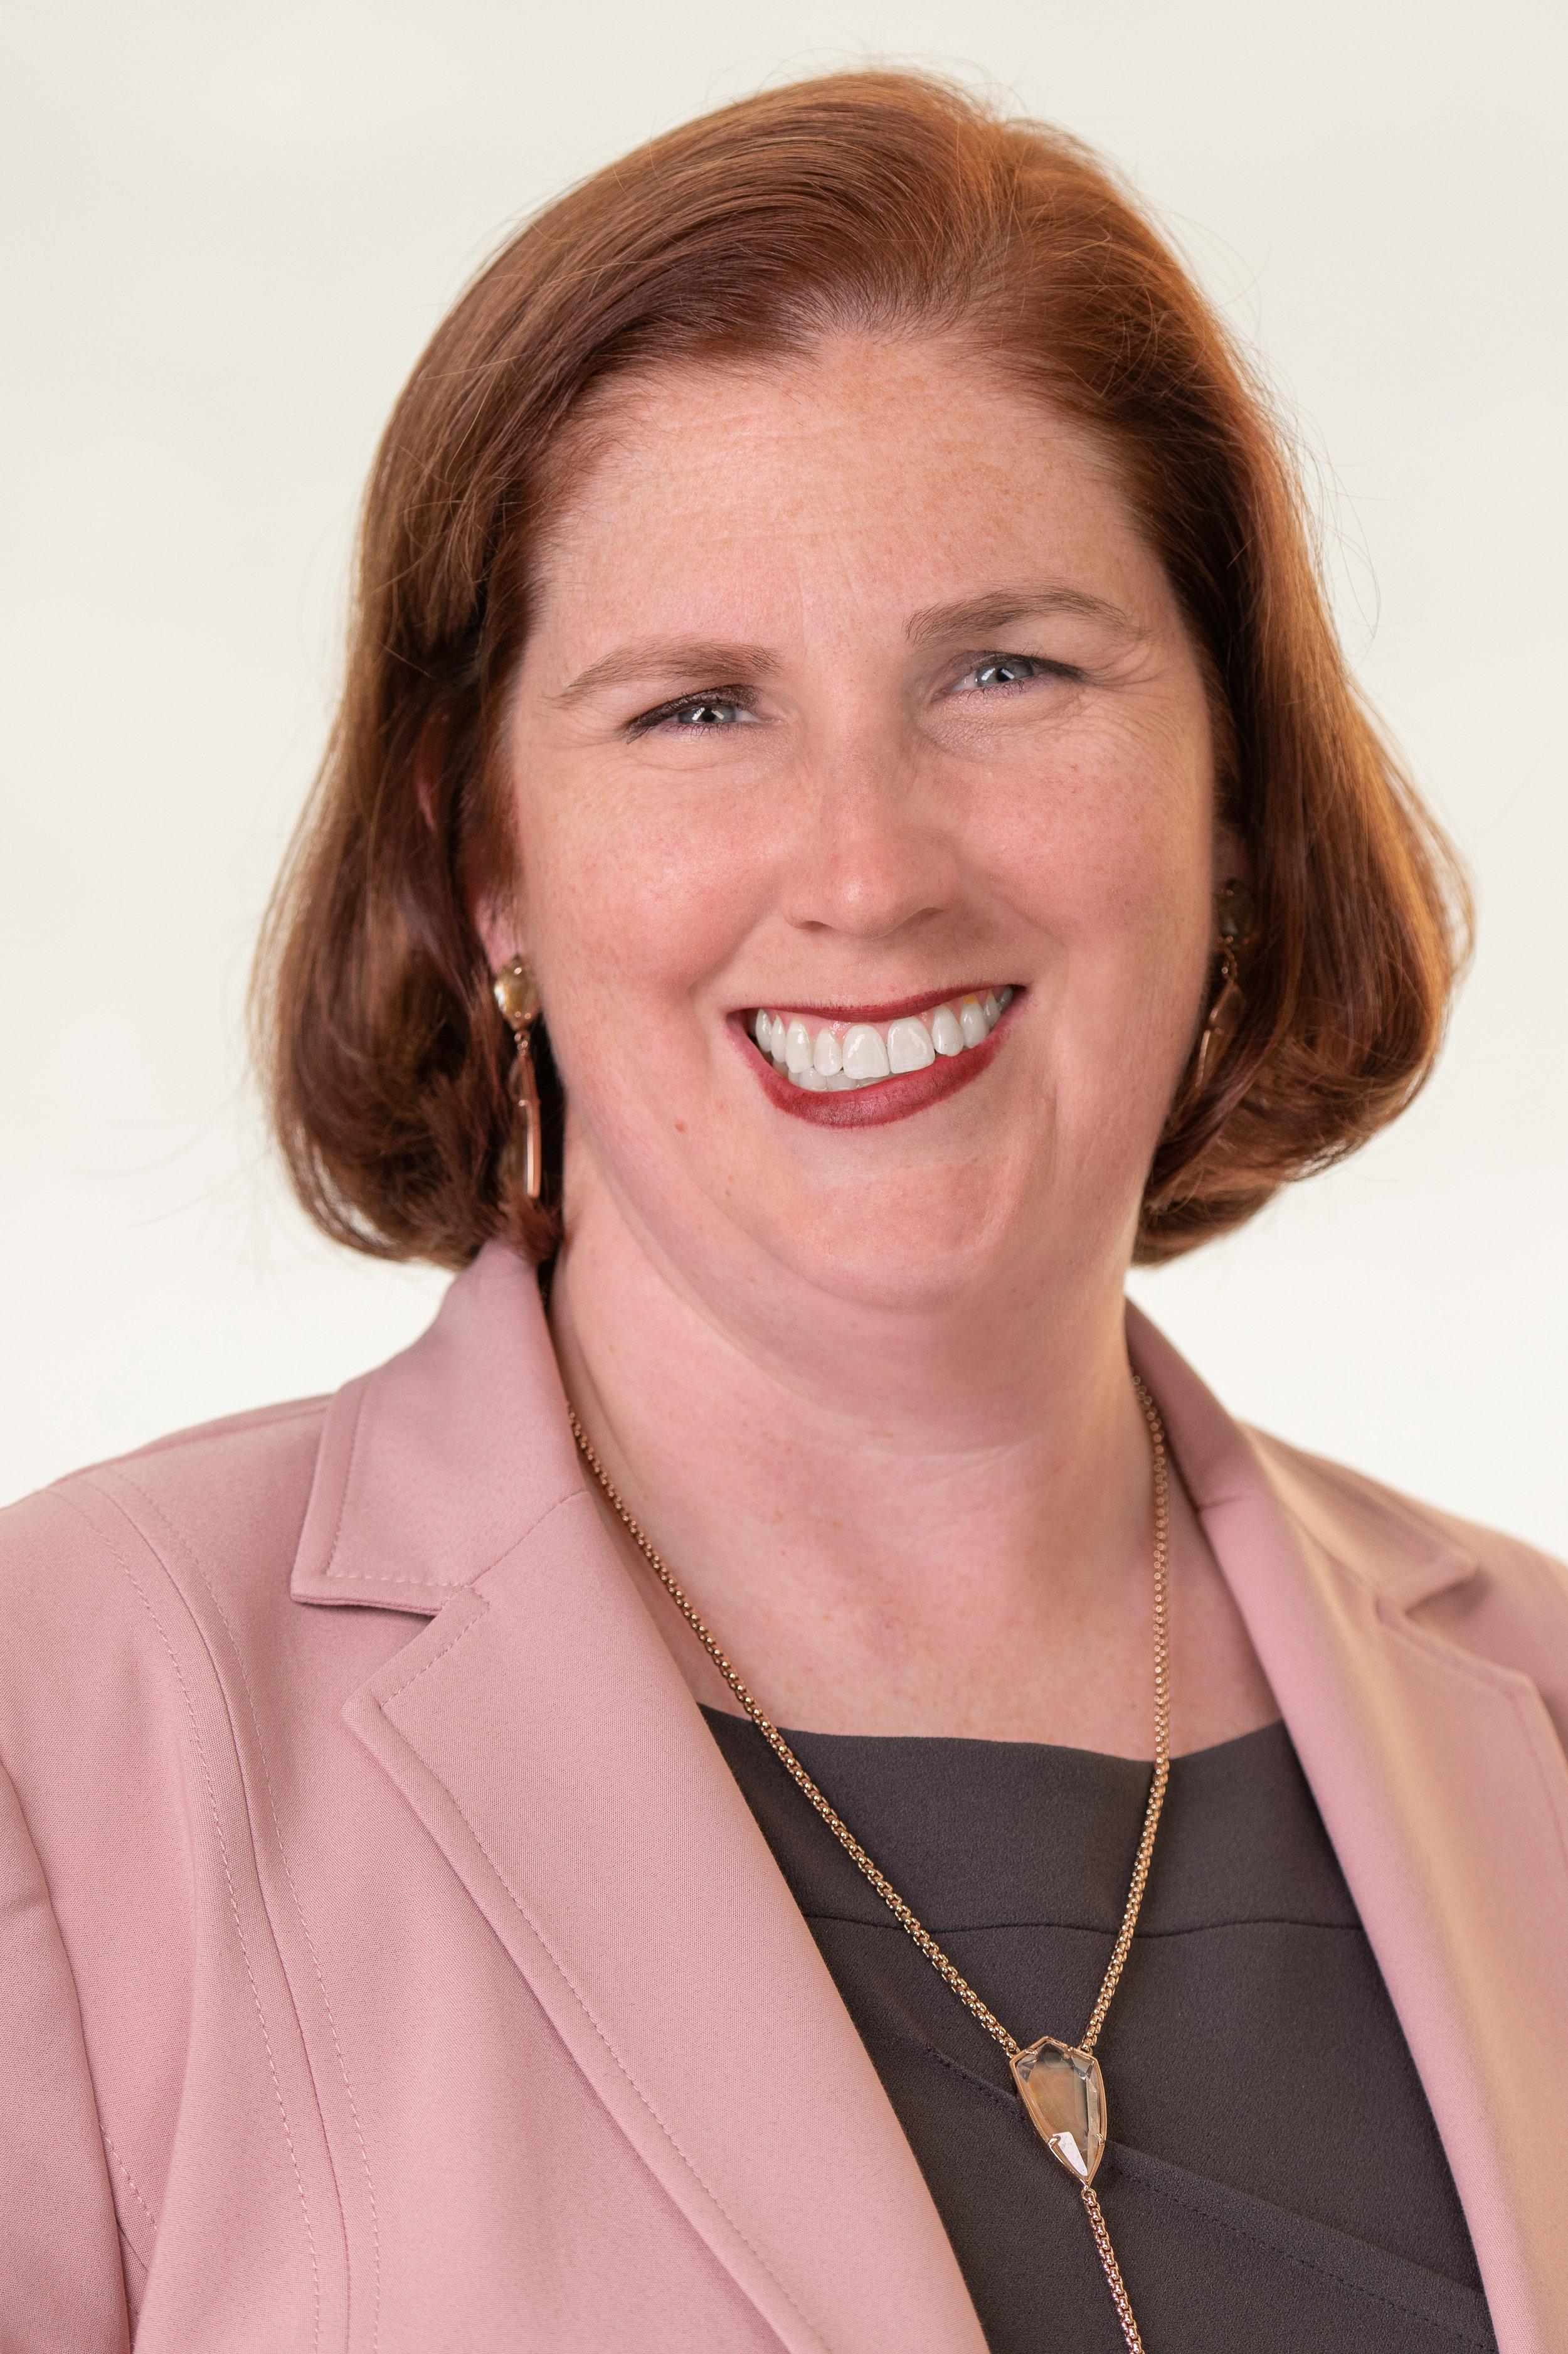 Melanie Bush - V.jpg